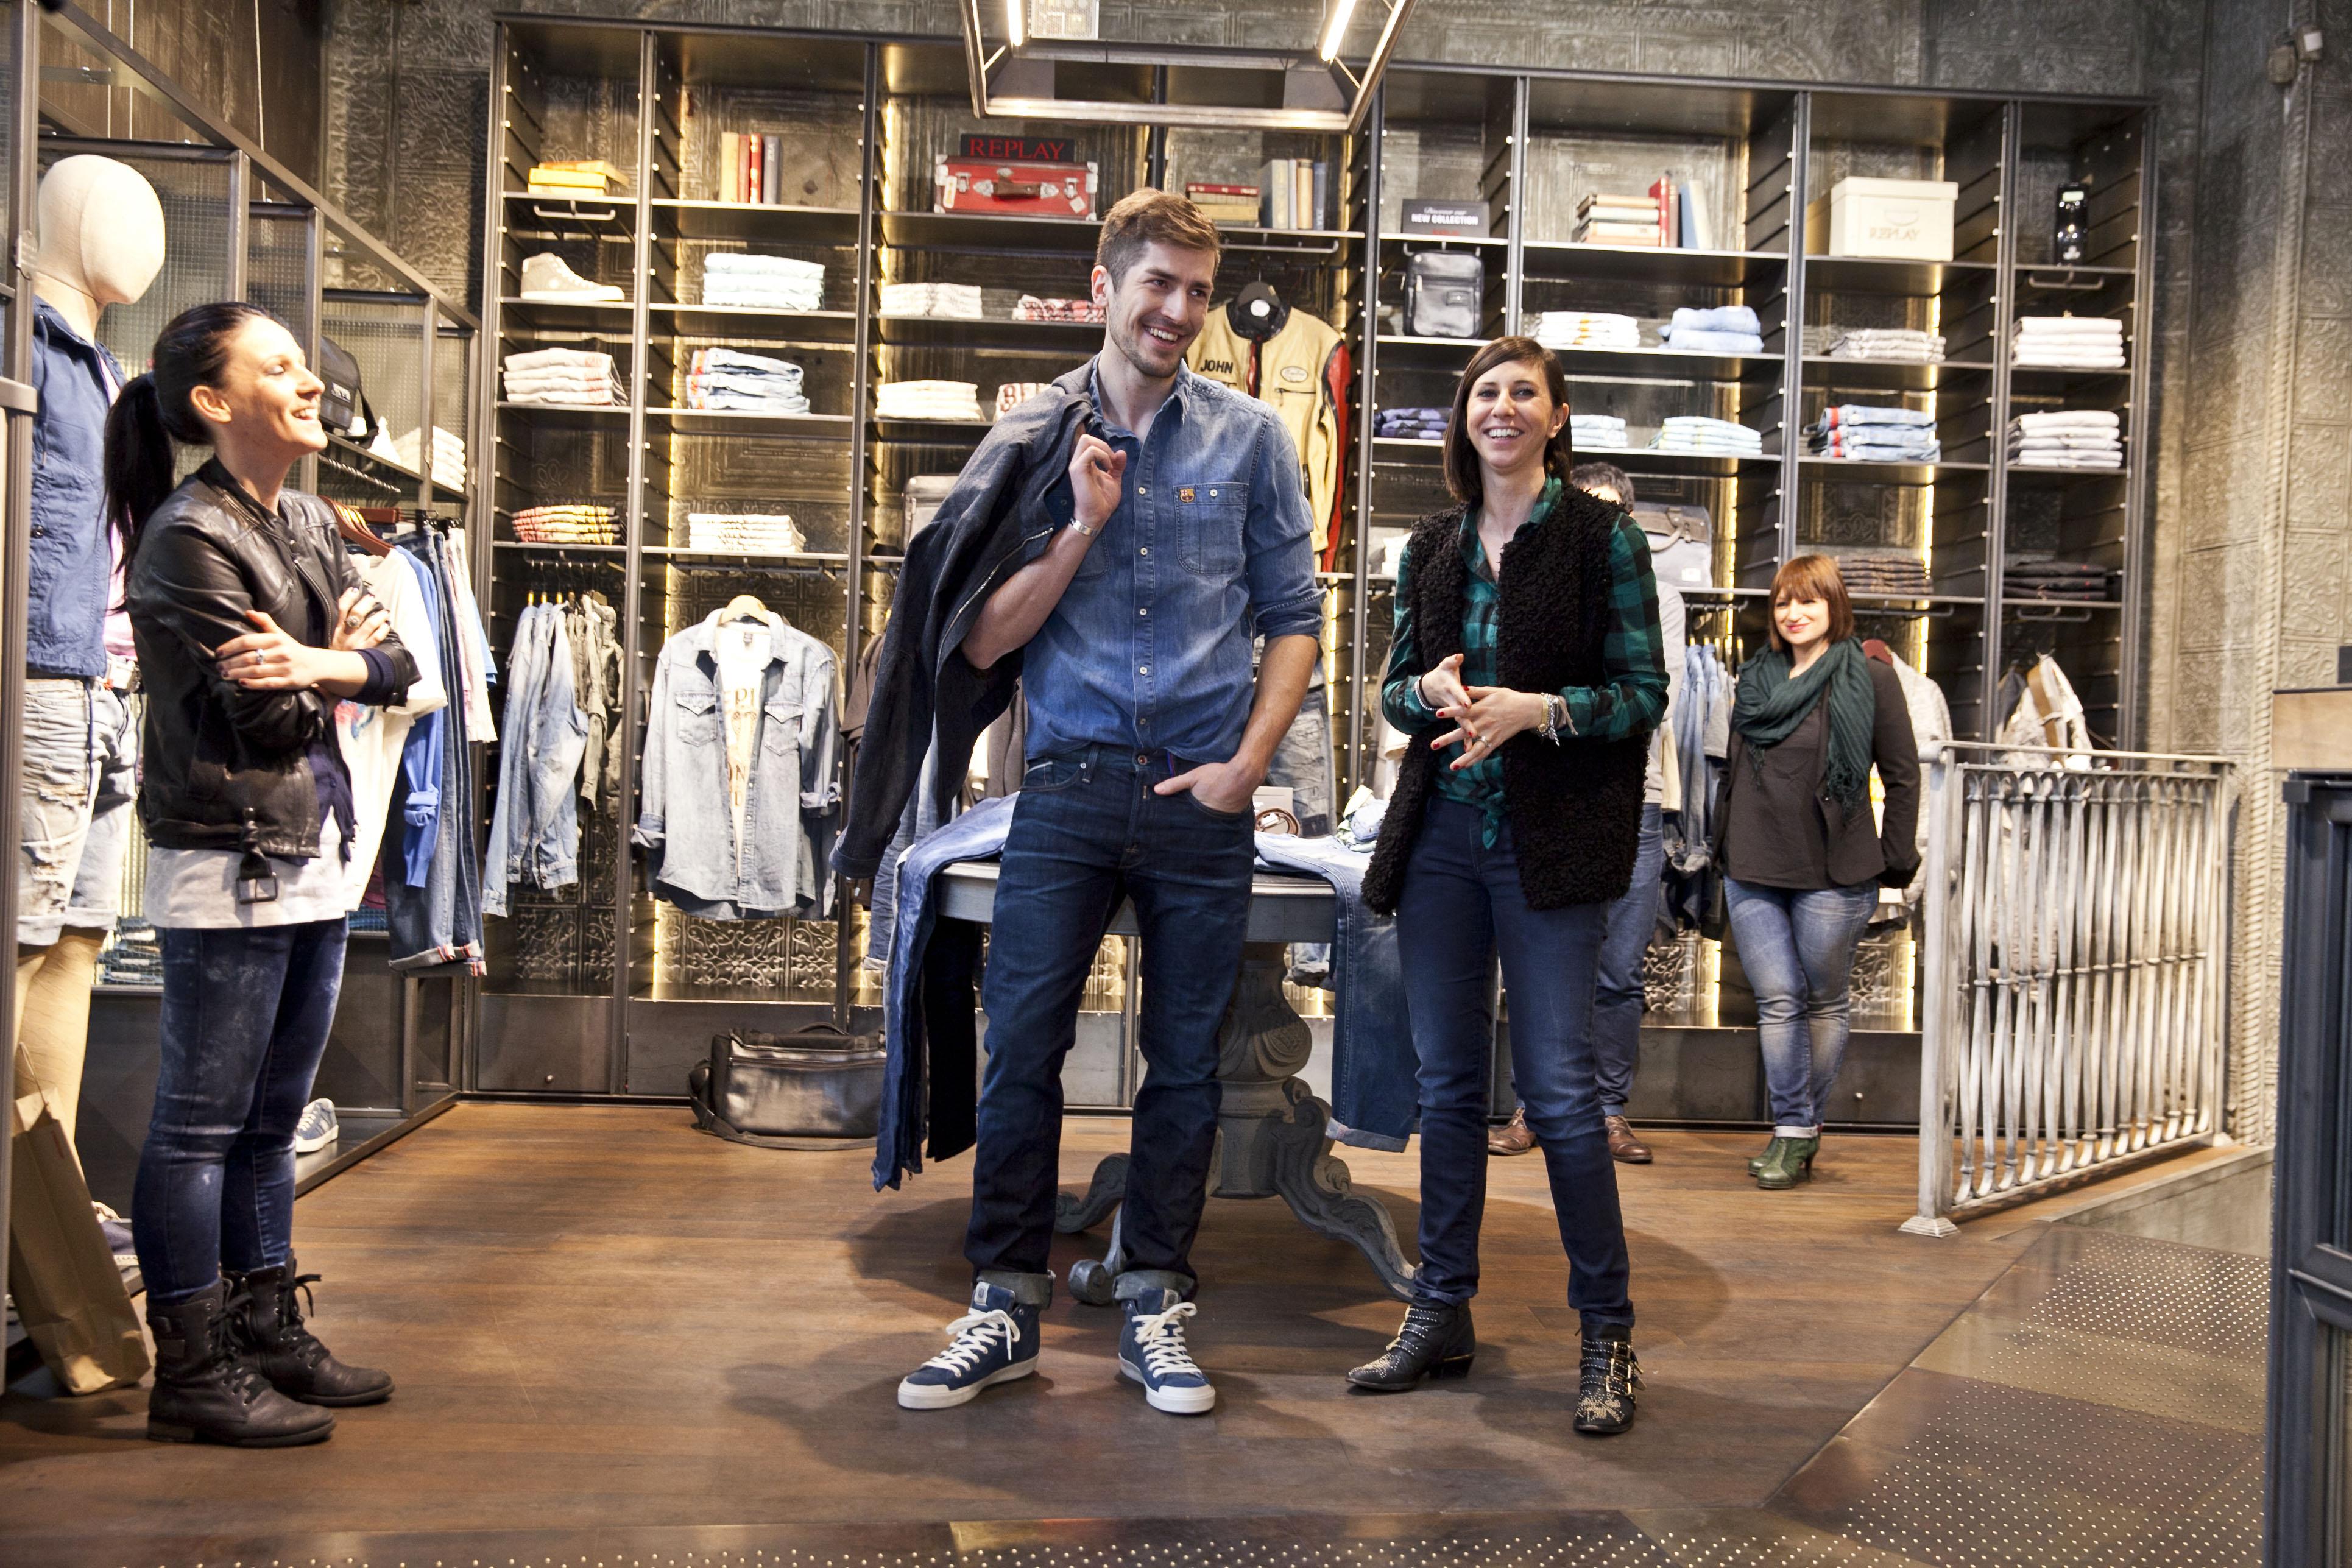 FC Barcelona capsoule collection Predstavljene najnovije Replay tendencije u džinsu